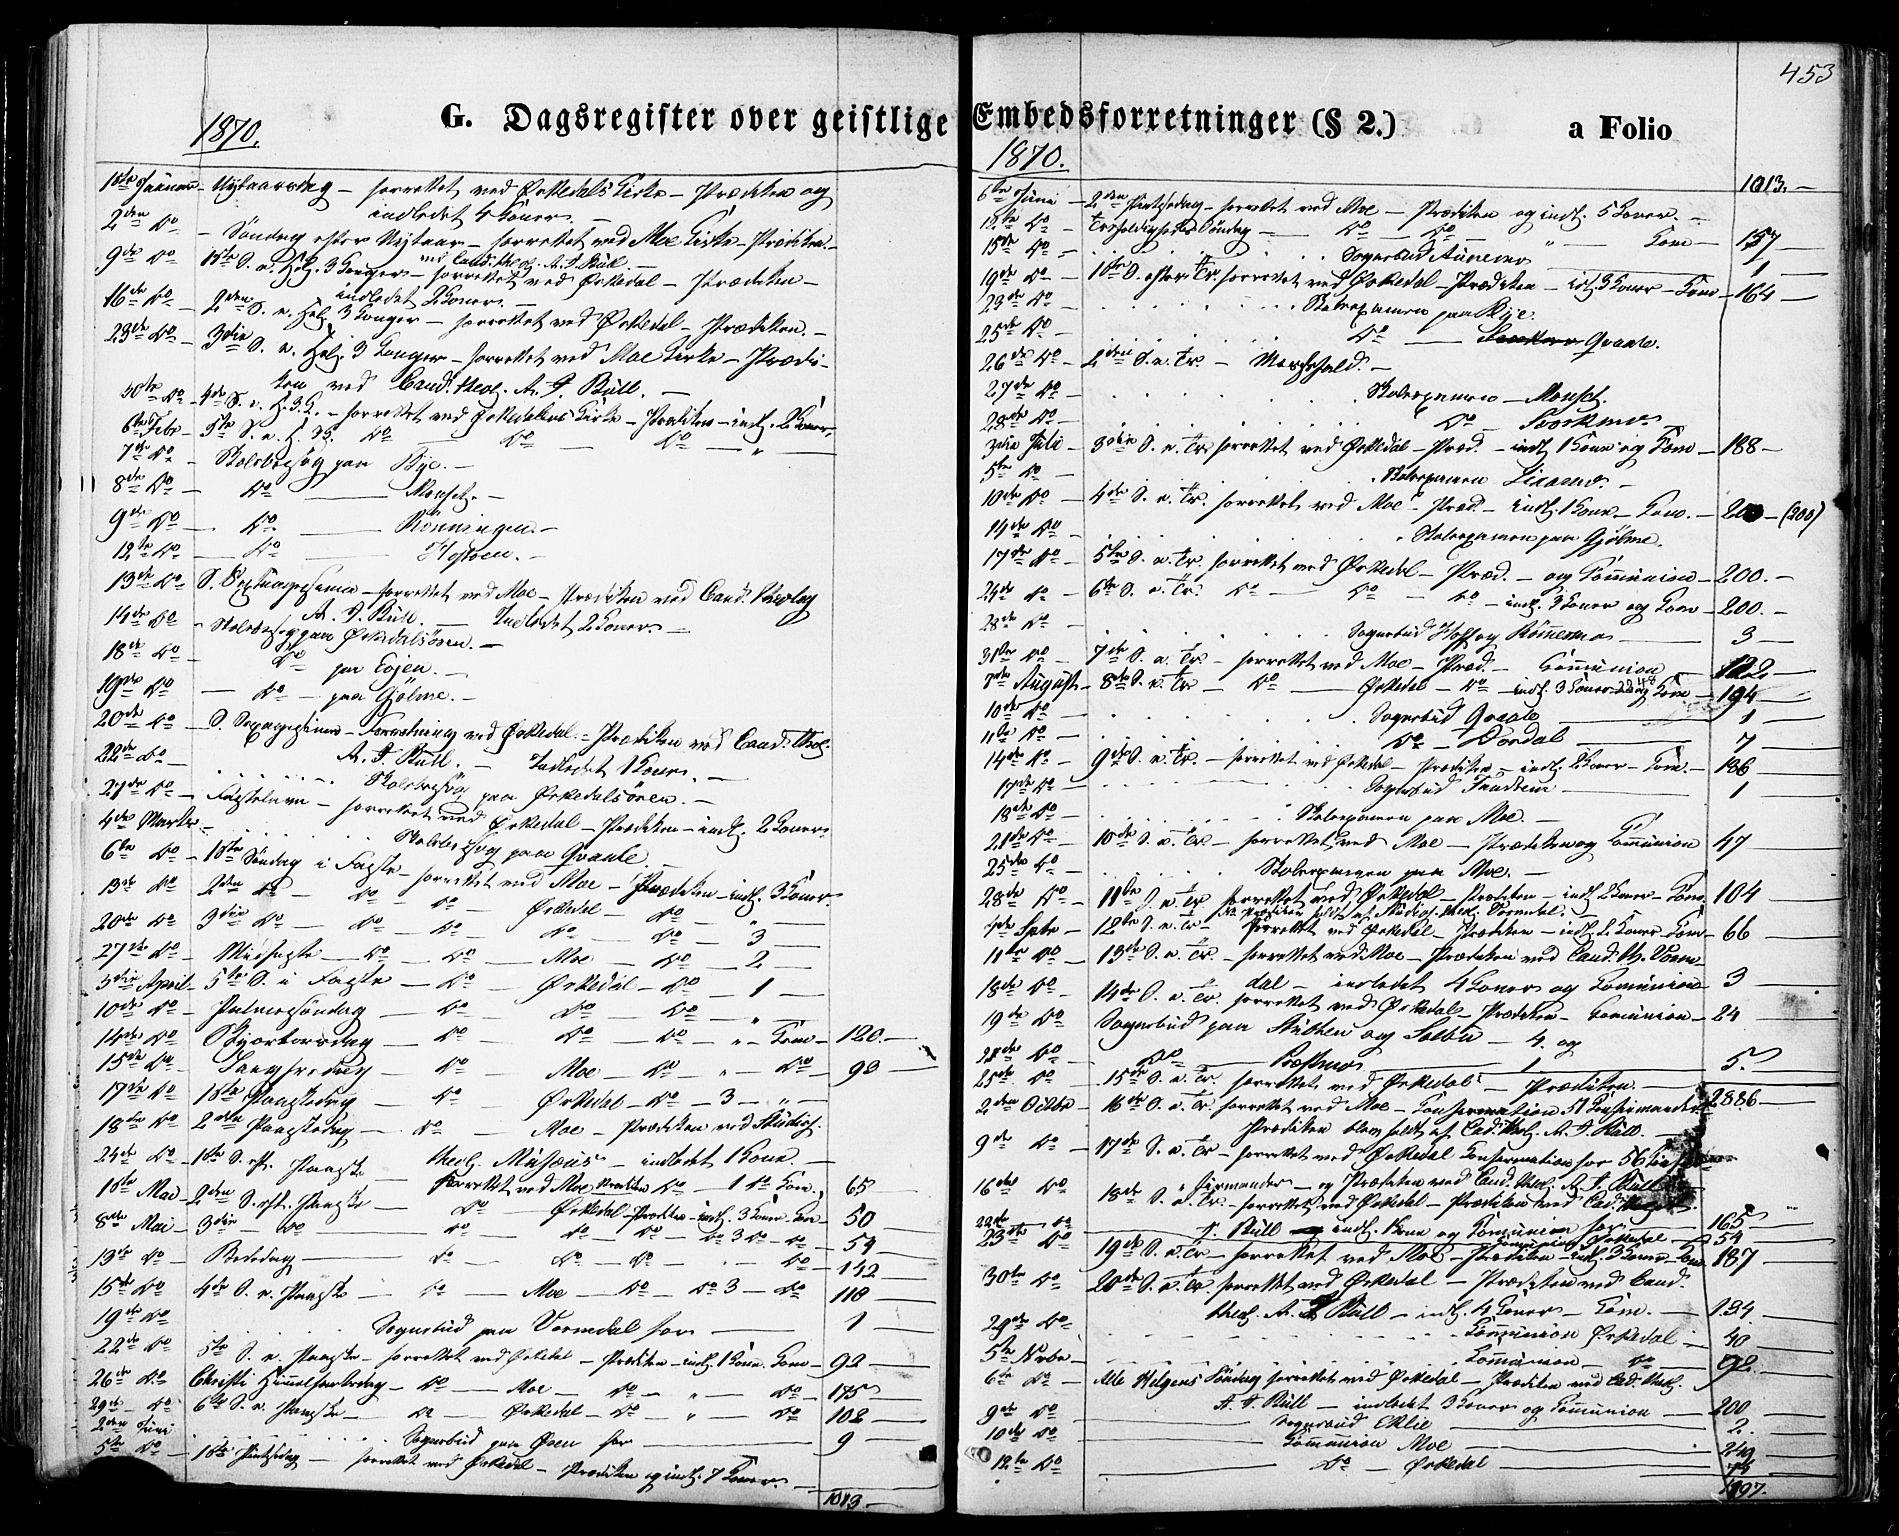 SAT, Ministerialprotokoller, klokkerbøker og fødselsregistre - Sør-Trøndelag, 668/L0807: Ministerialbok nr. 668A07, 1870-1880, s. 453